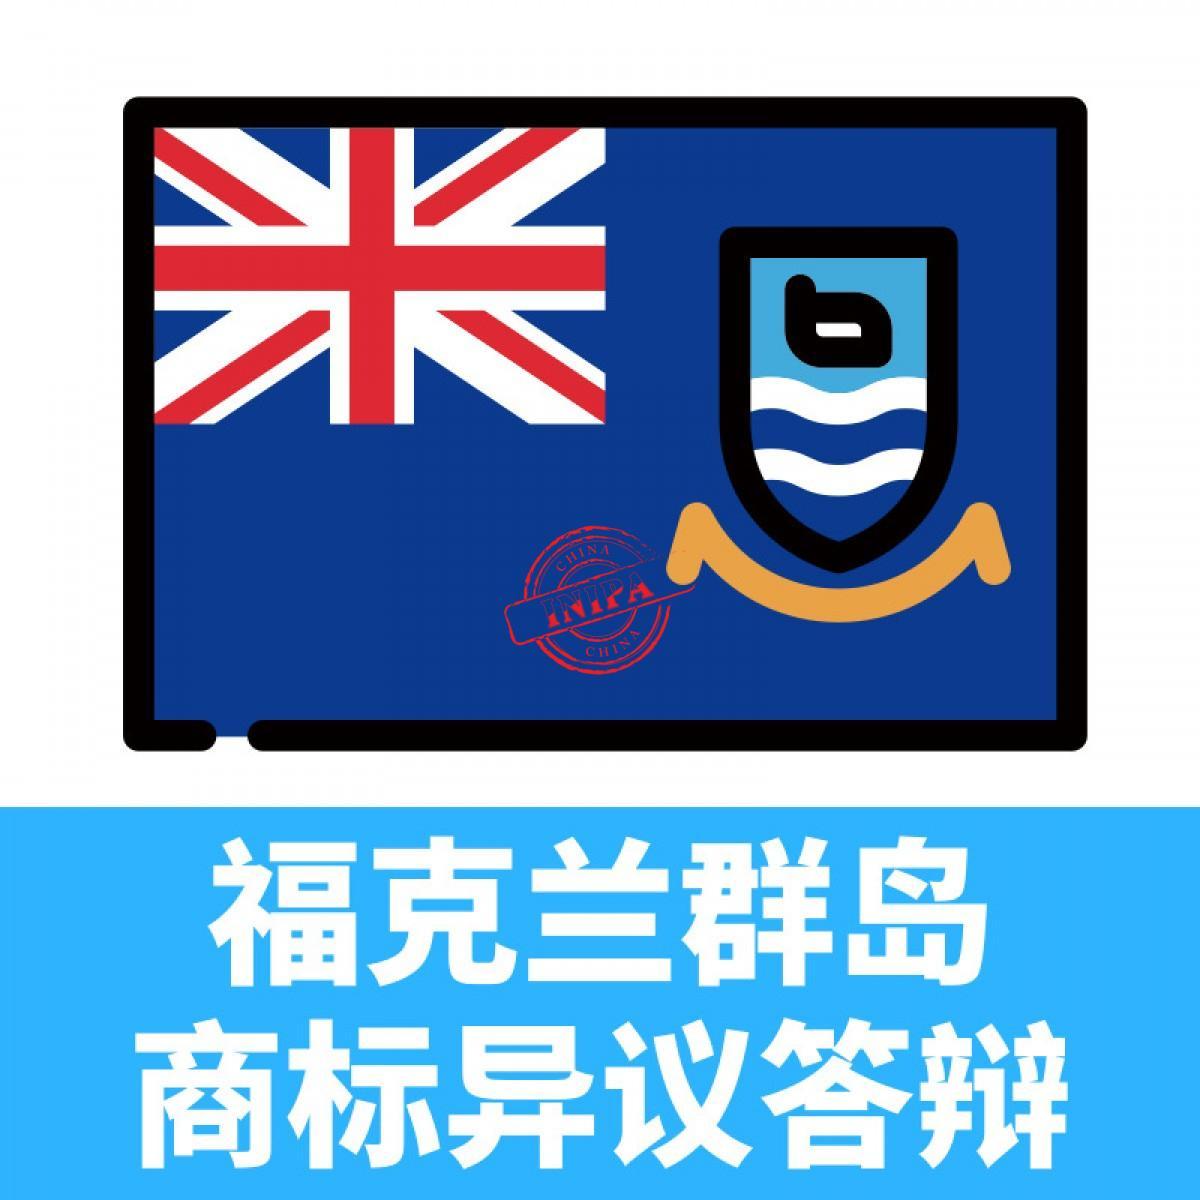 福克兰群岛商标异议答辩/Falklands trademark objection reply